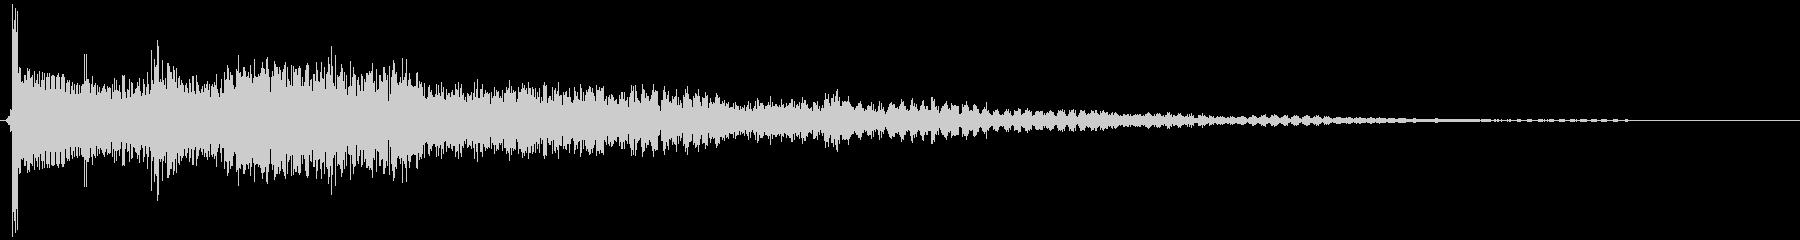 サウンドロゴの予感するエレキギターの未再生の波形